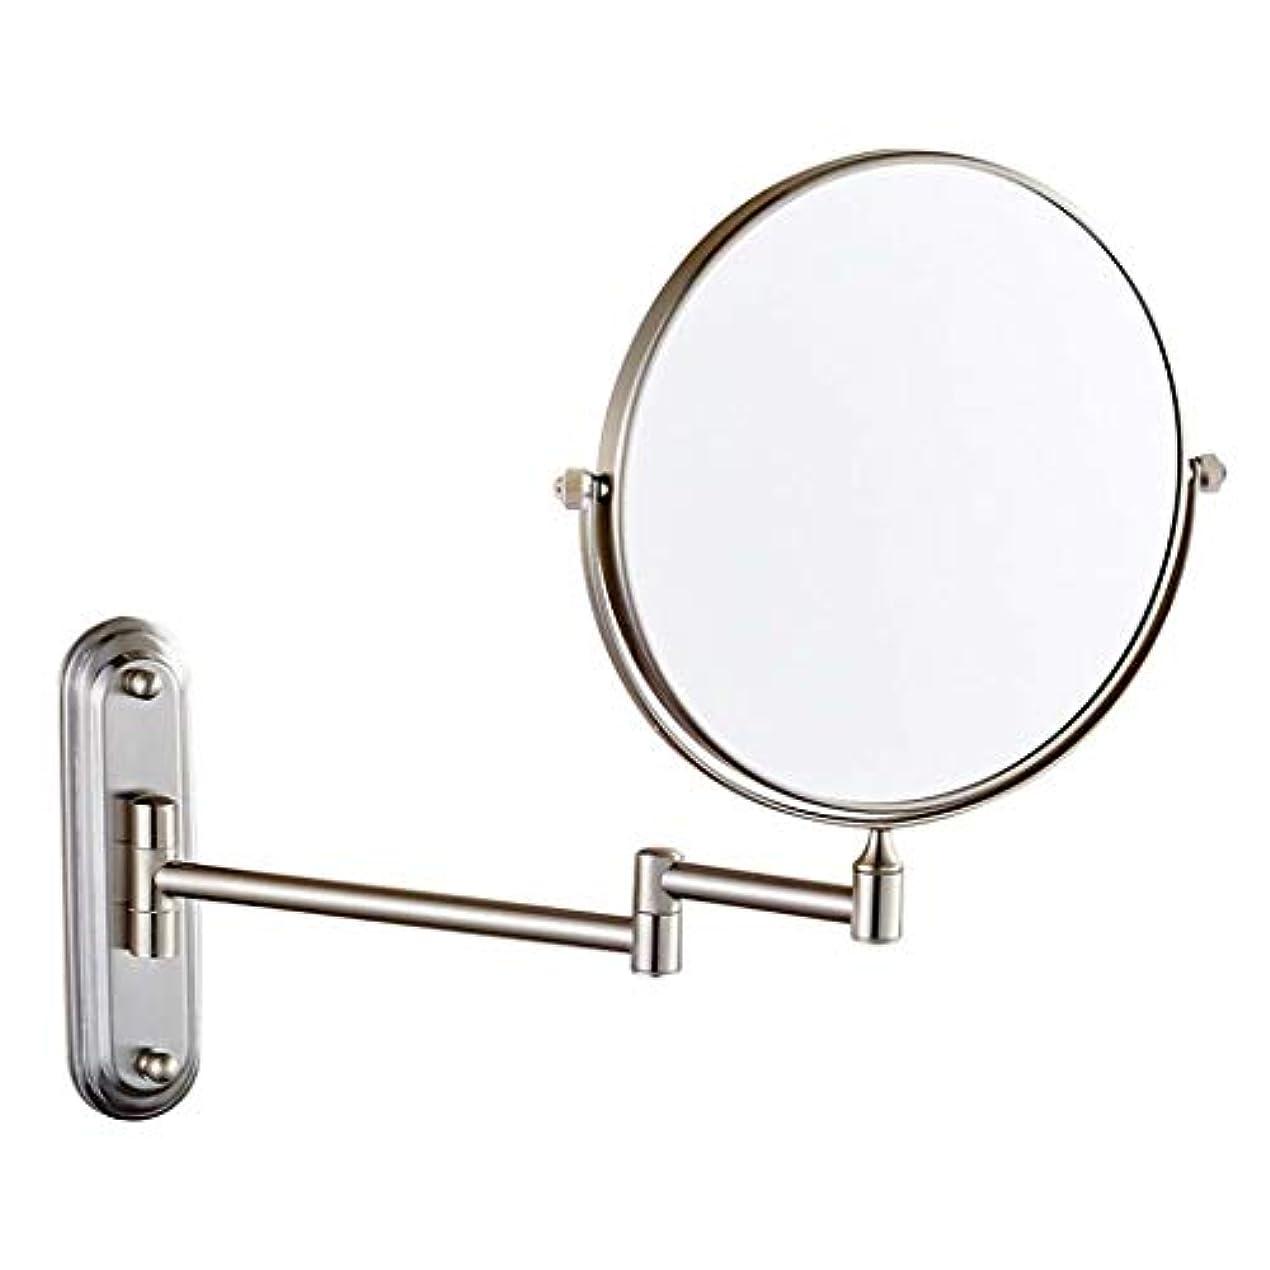 マッシュ数学的な通知する壁掛け浴室用ミラー両面化粧鏡3倍/ 5倍/ 7倍/ 10倍拡大虚栄心拡大鏡回転、お風呂、スパ、ホテル用拡張可能 (色 : ブロンズ, サイズ さいず : 8 inch-10x)